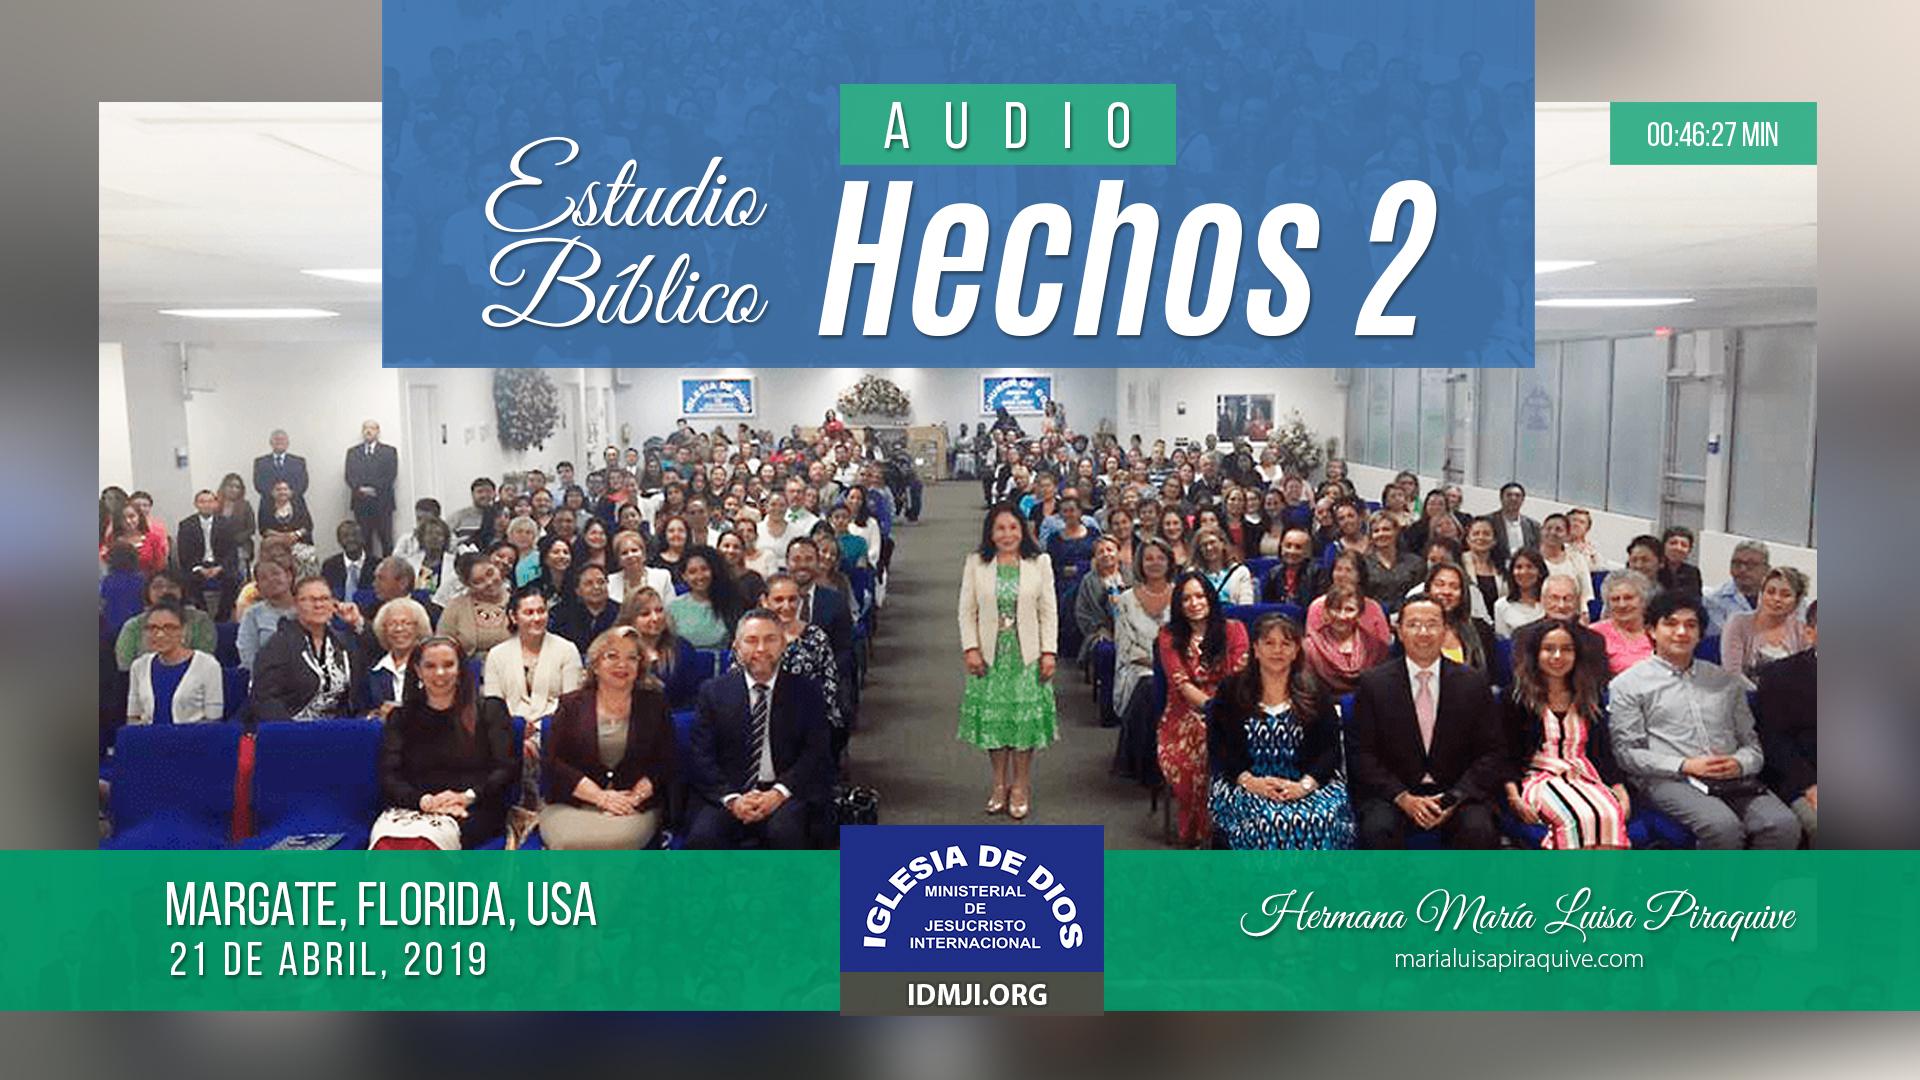 Enseñanza: Hechos 2 (Audio) Hna. María Luisa Piraquive